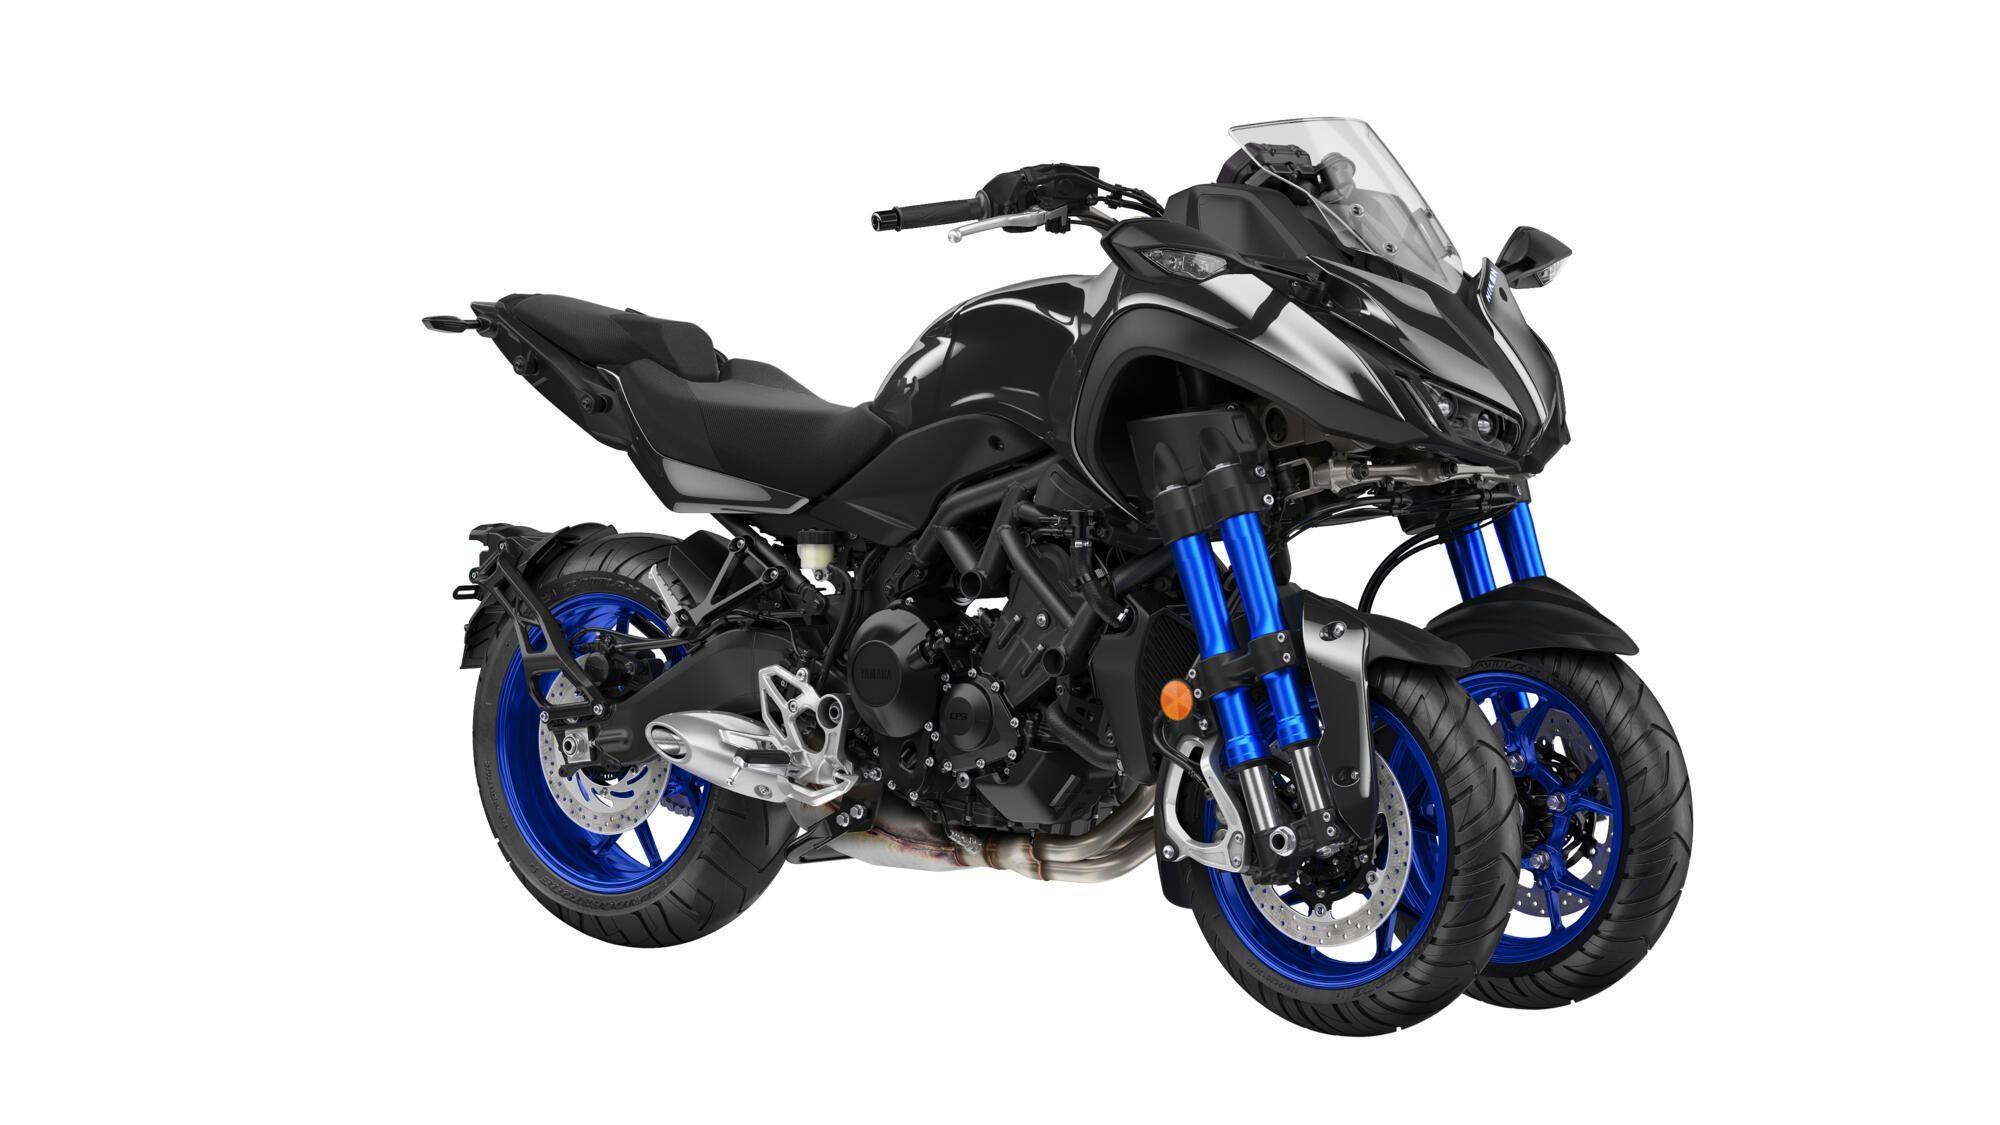 Niken Motorraeder Yamaha Motor In 2020 Motorrad Fahren Trike Motorrader Yamaha Motor